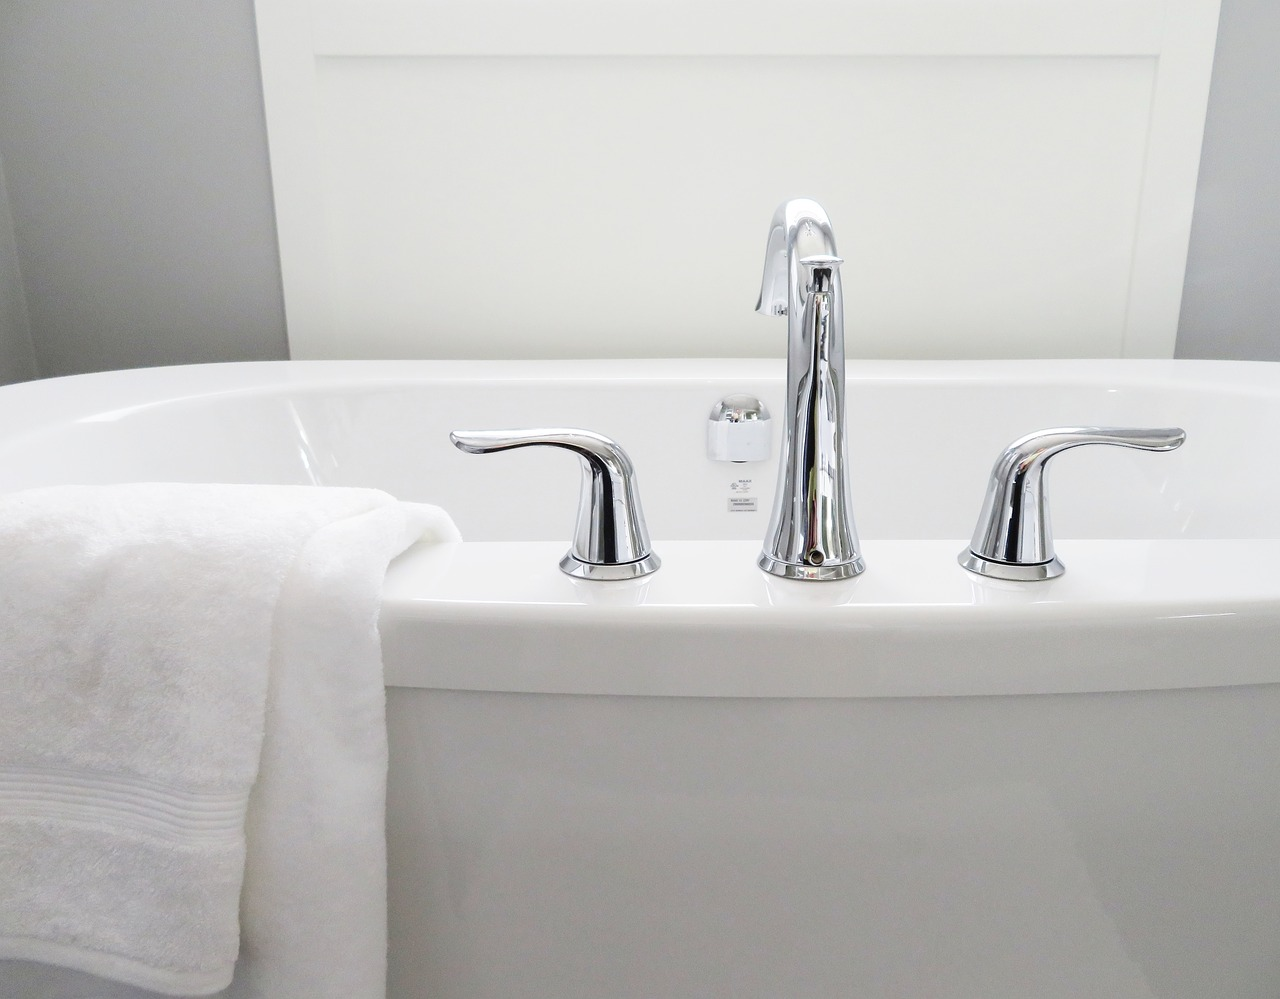 Rinnovare Vasca Da Bagno Prezzi : Sovrapposizione vasca da bagno come funziona e quanto costa